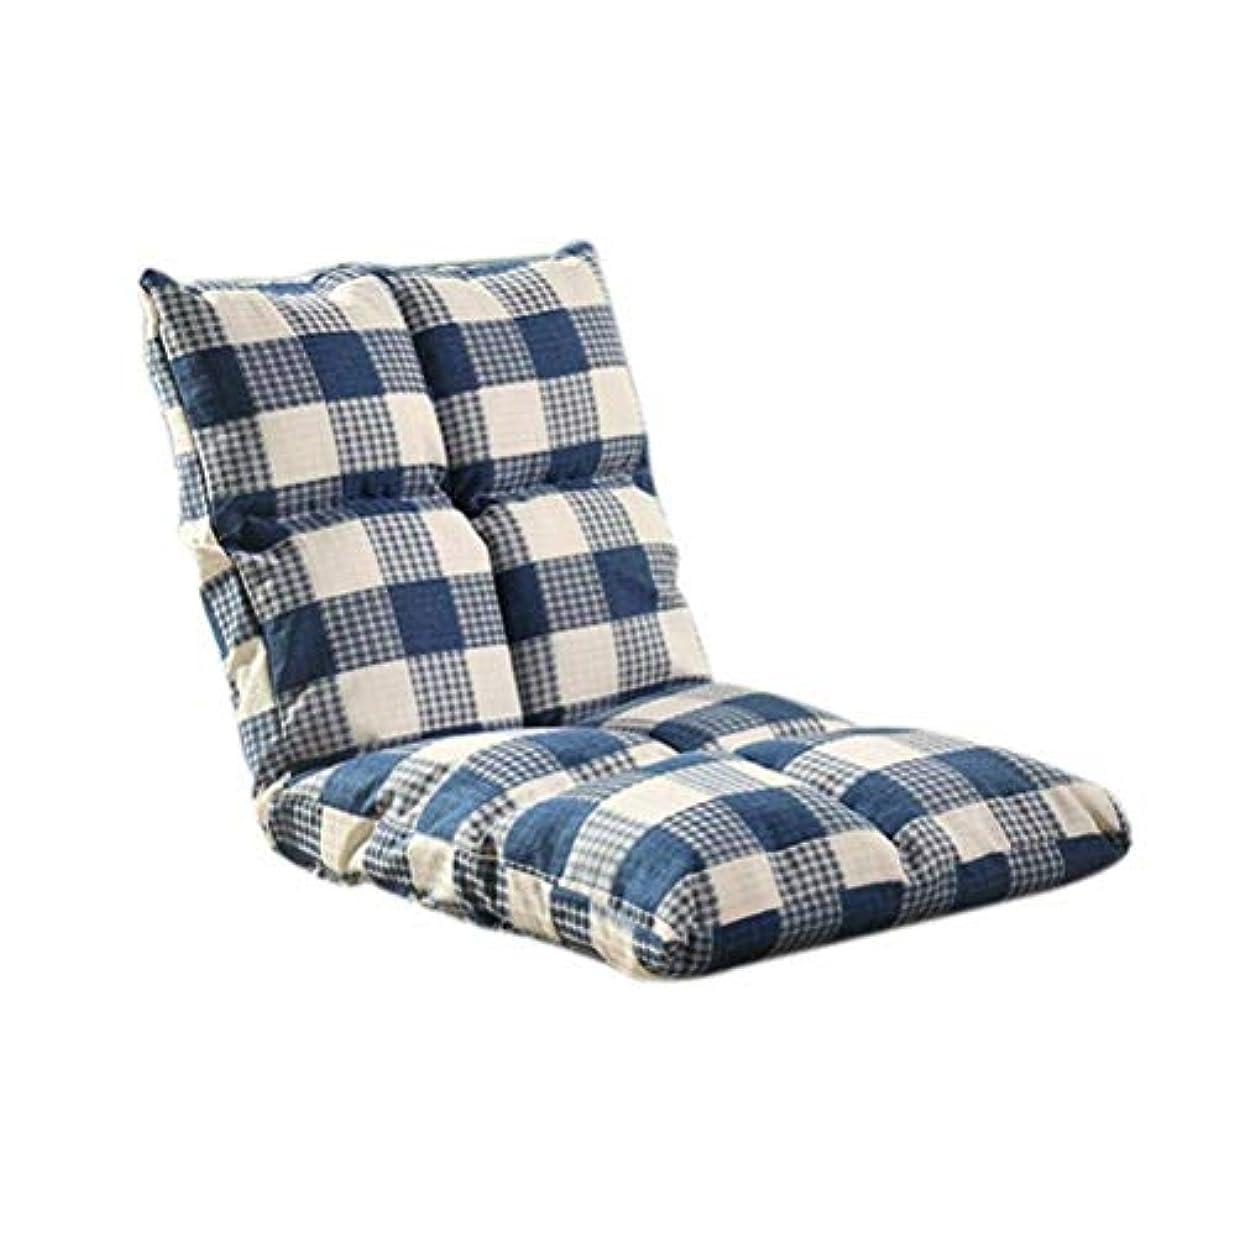 調和のとれたクランプアンドリューハリディ瞑想椅子、折りたたみ椅子、調節可能な椅子、畳シングルチェア、背もたれ付きのベッドルームベイウィンドウ日本の椅子、怠zyなソファゲームチェア (Color : 濃紺)